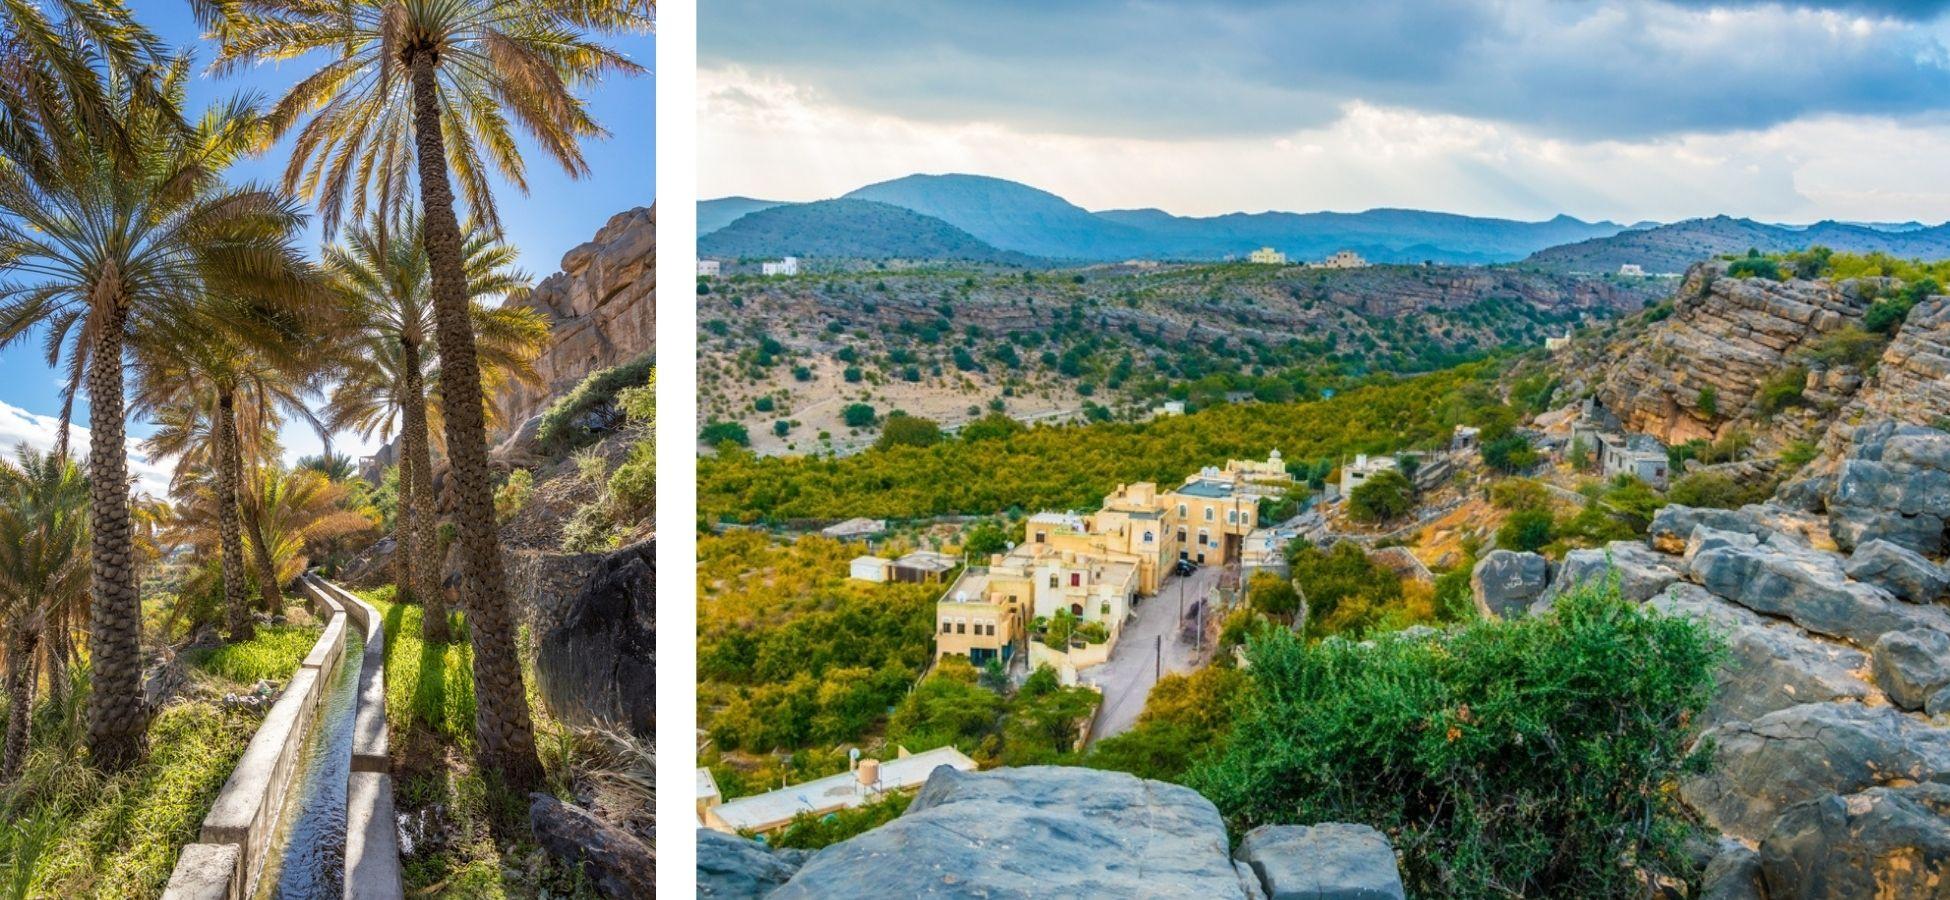 village-oman-falaj